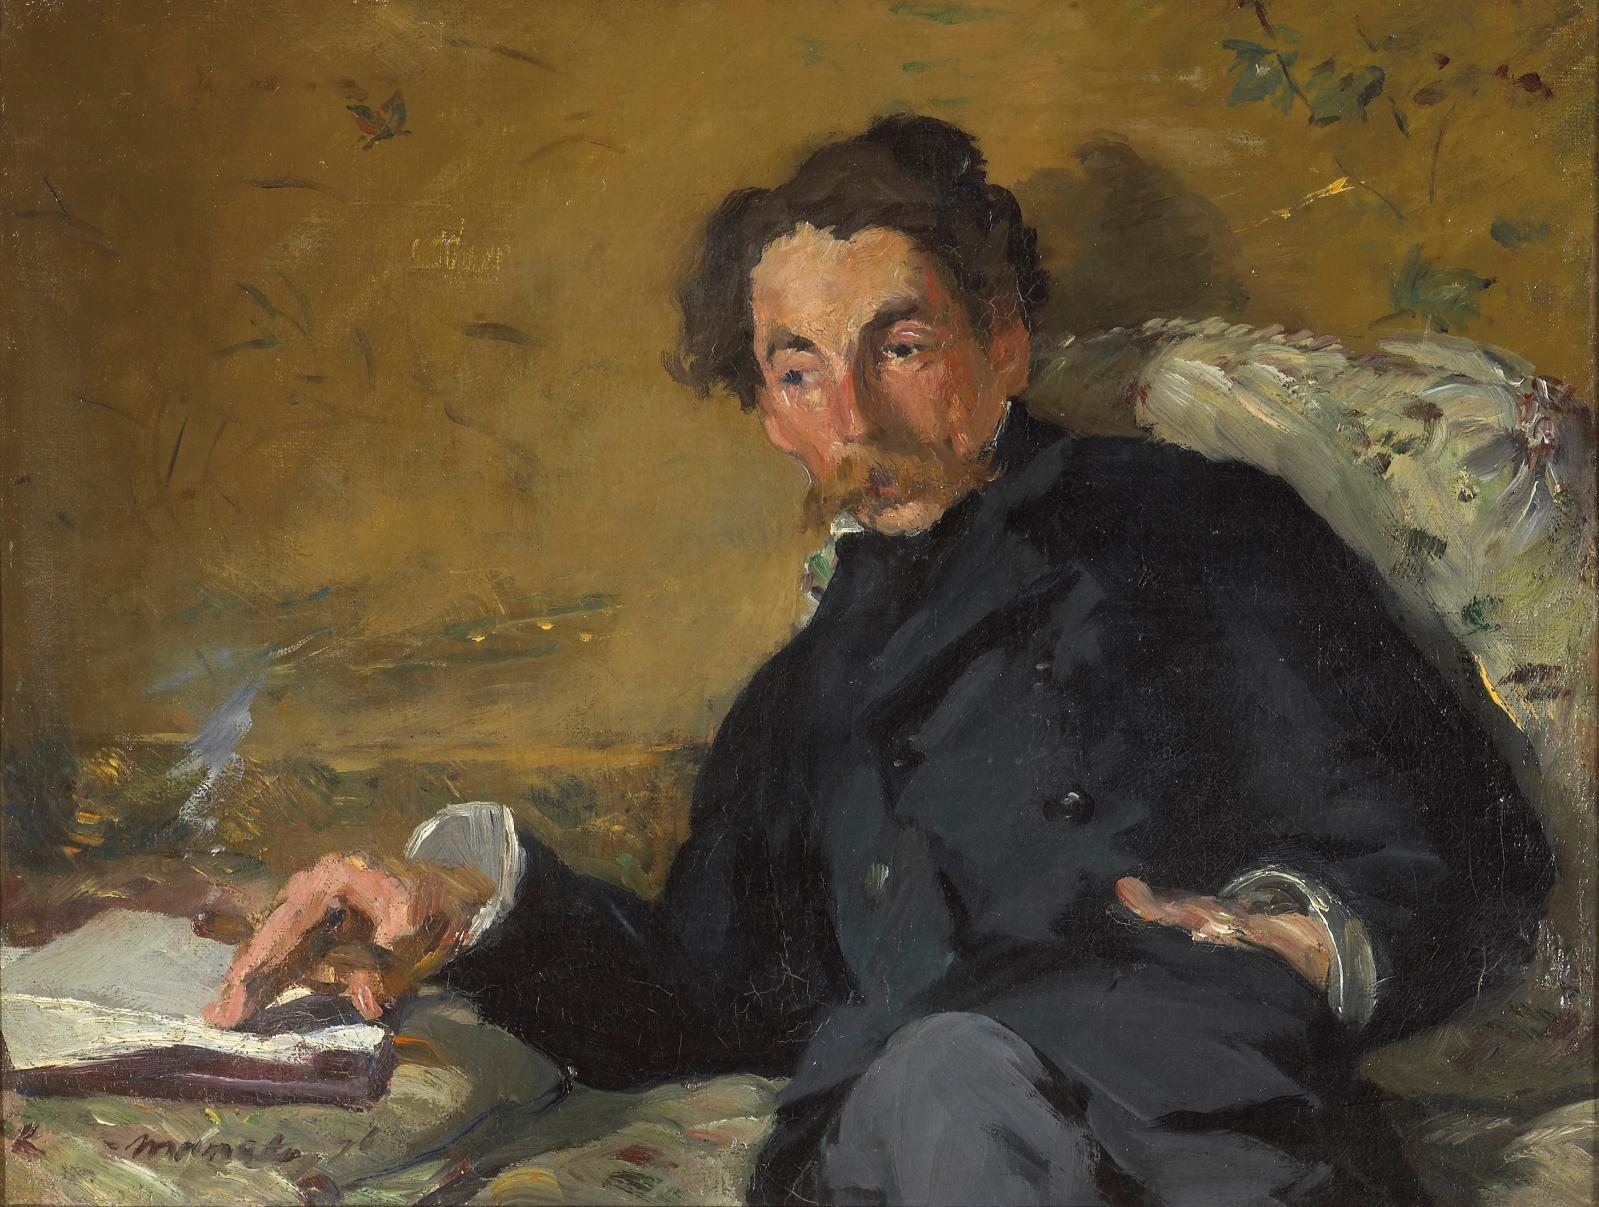 Édouard Manet (1832-1883), Stéphane Mallarmé, 1876, huile sur toile, 27,5x36cm, Paris, musée d'Orsay.Photo © RMN-Grand Palais (musée d'